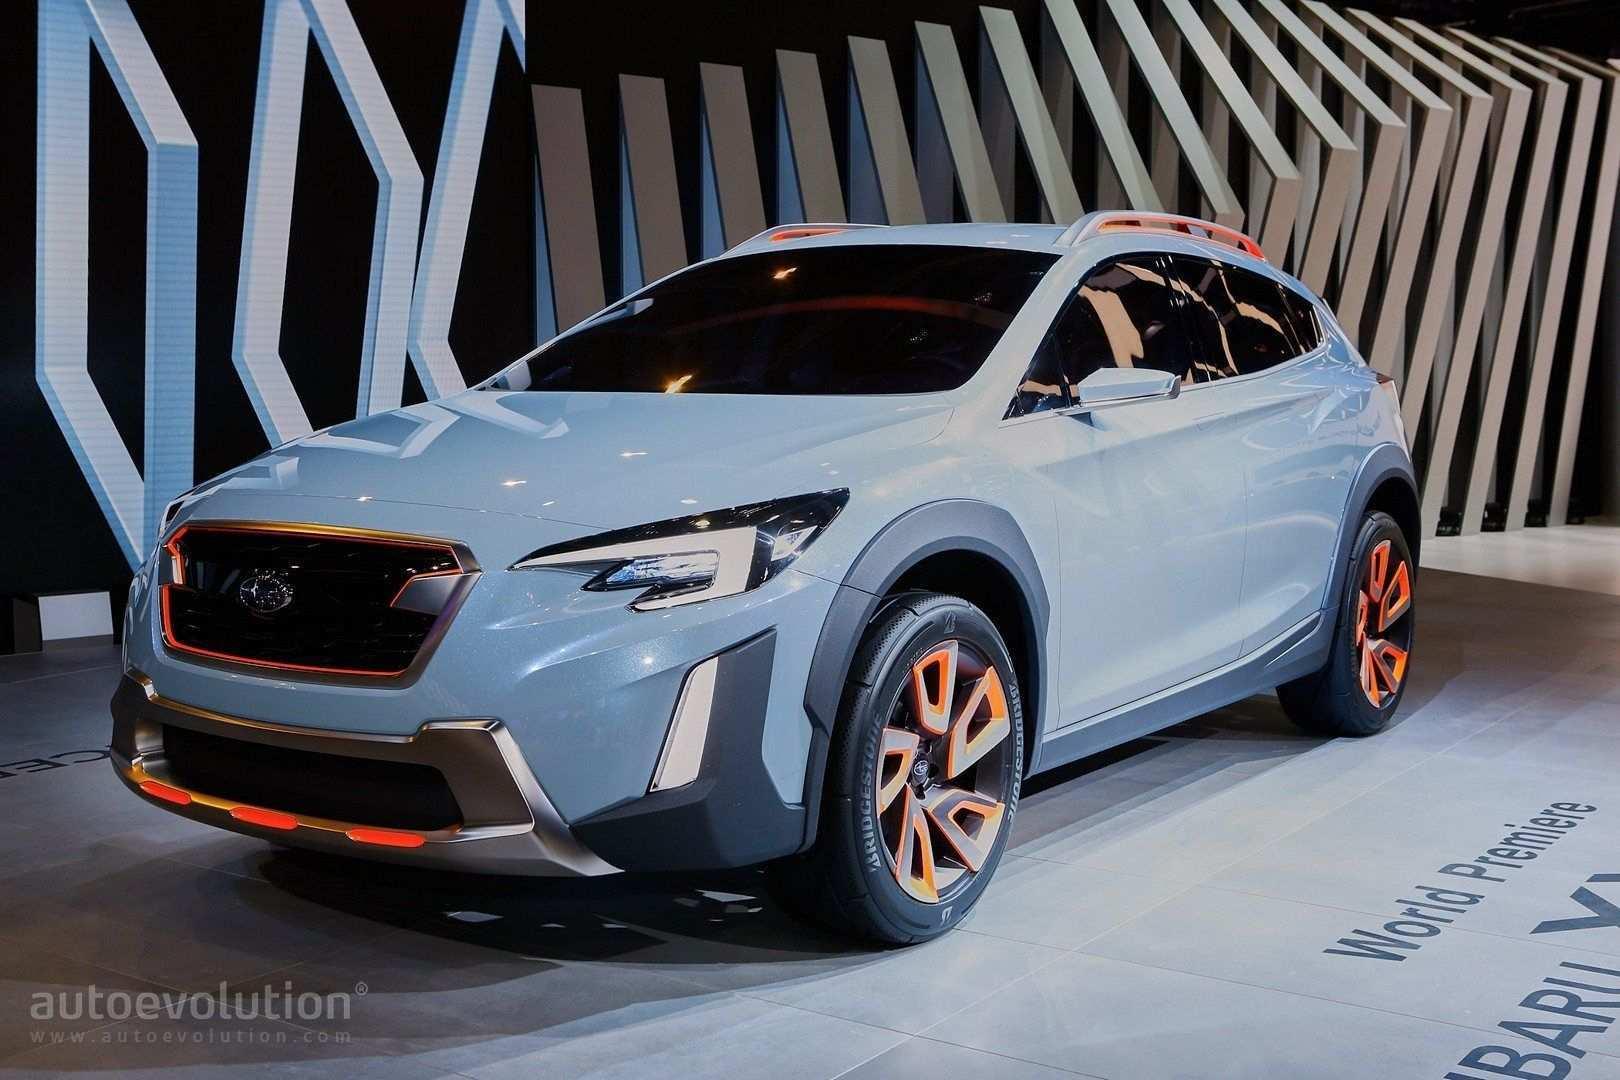 67 All New Xv Subaru 2020 Overview for Xv Subaru 2020